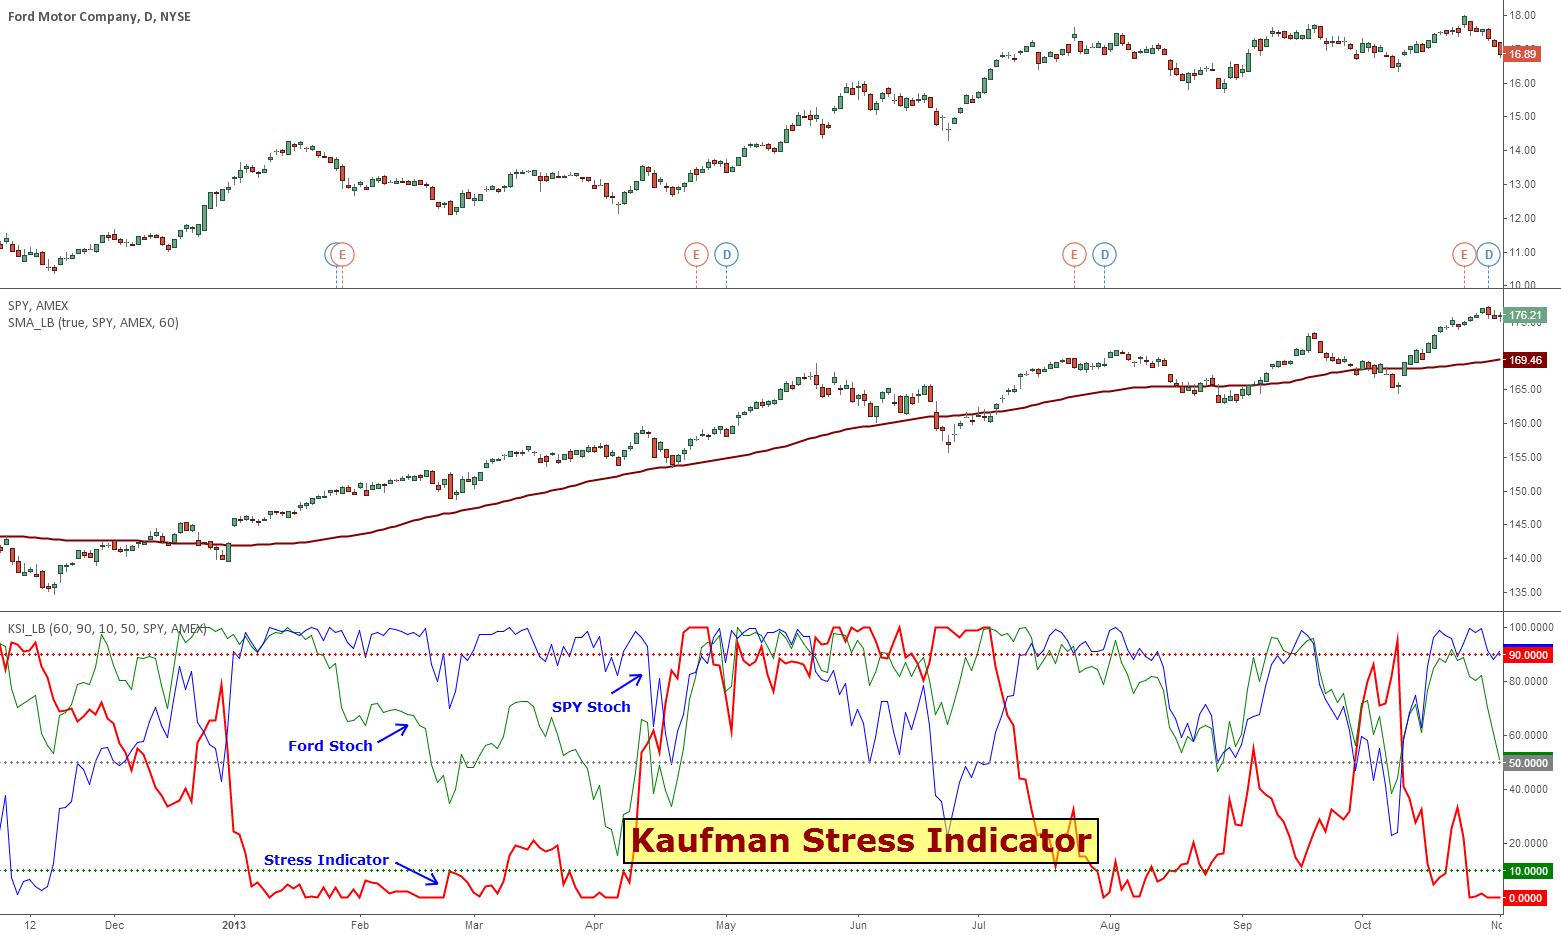 Kaufman Stress Indicator